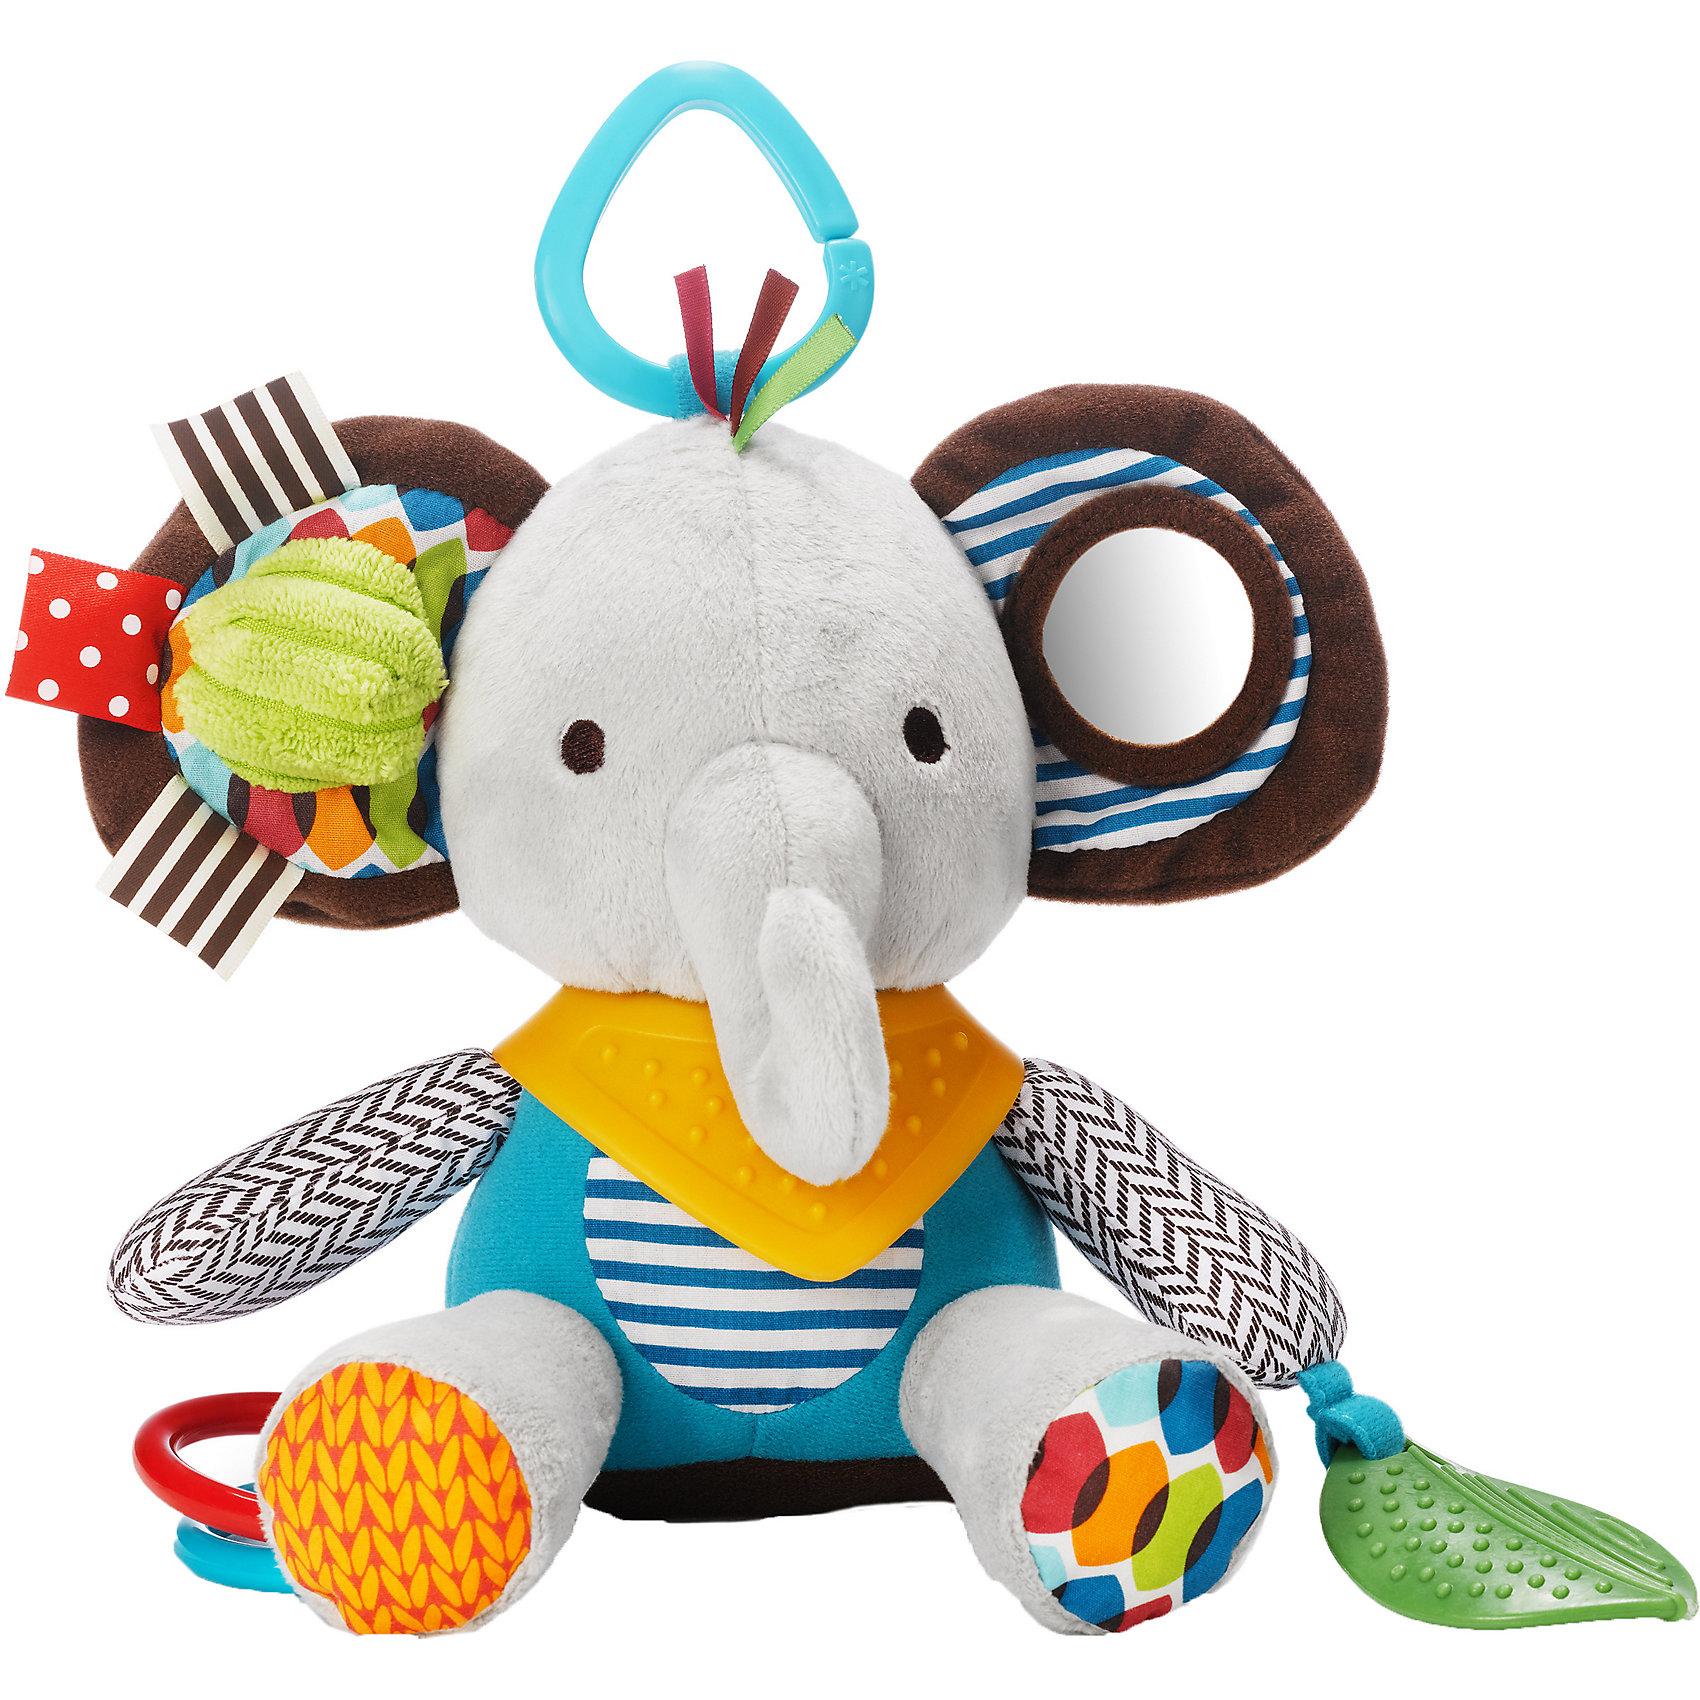 Развивающая игрушка-подвеска Слон, Skip HopПодвески<br>Развивающая игрушка-подвеска Слон, Skip Hop<br><br>Характеристики:<br><br>• В набор входит: игрушка<br>• Состав: текстиль, каучук<br>• Размер: 13 * 7,5 * 25,5 см.<br>• Для детей в возрасте: от 6 месяцев<br>• Страна производитель: Китай<br><br>Наполненные новыми разными ощущениями текстур и звуков, маленькие ручки будут заняты изучением изгибов и шуршаний благодаря этой озорной обезьянке. Игрушка оснащена прорезиненными деталями для прорезывания зубов, безопасным зеркальцем, шуршащими элементами и подвеской для крепления на коляску и кроватку. <br><br>Развивающую игрушку-подвеску Слон, Skip Hop можно купить в нашем интернет-магазине.<br><br>Ширина мм: 330<br>Глубина мм: 170<br>Высота мм: 111<br>Вес г: 152<br>Цвет: mehrfarbig<br>Возраст от месяцев: 1<br>Возраст до месяцев: 36<br>Пол: Унисекс<br>Возраст: Детский<br>SKU: 3971280